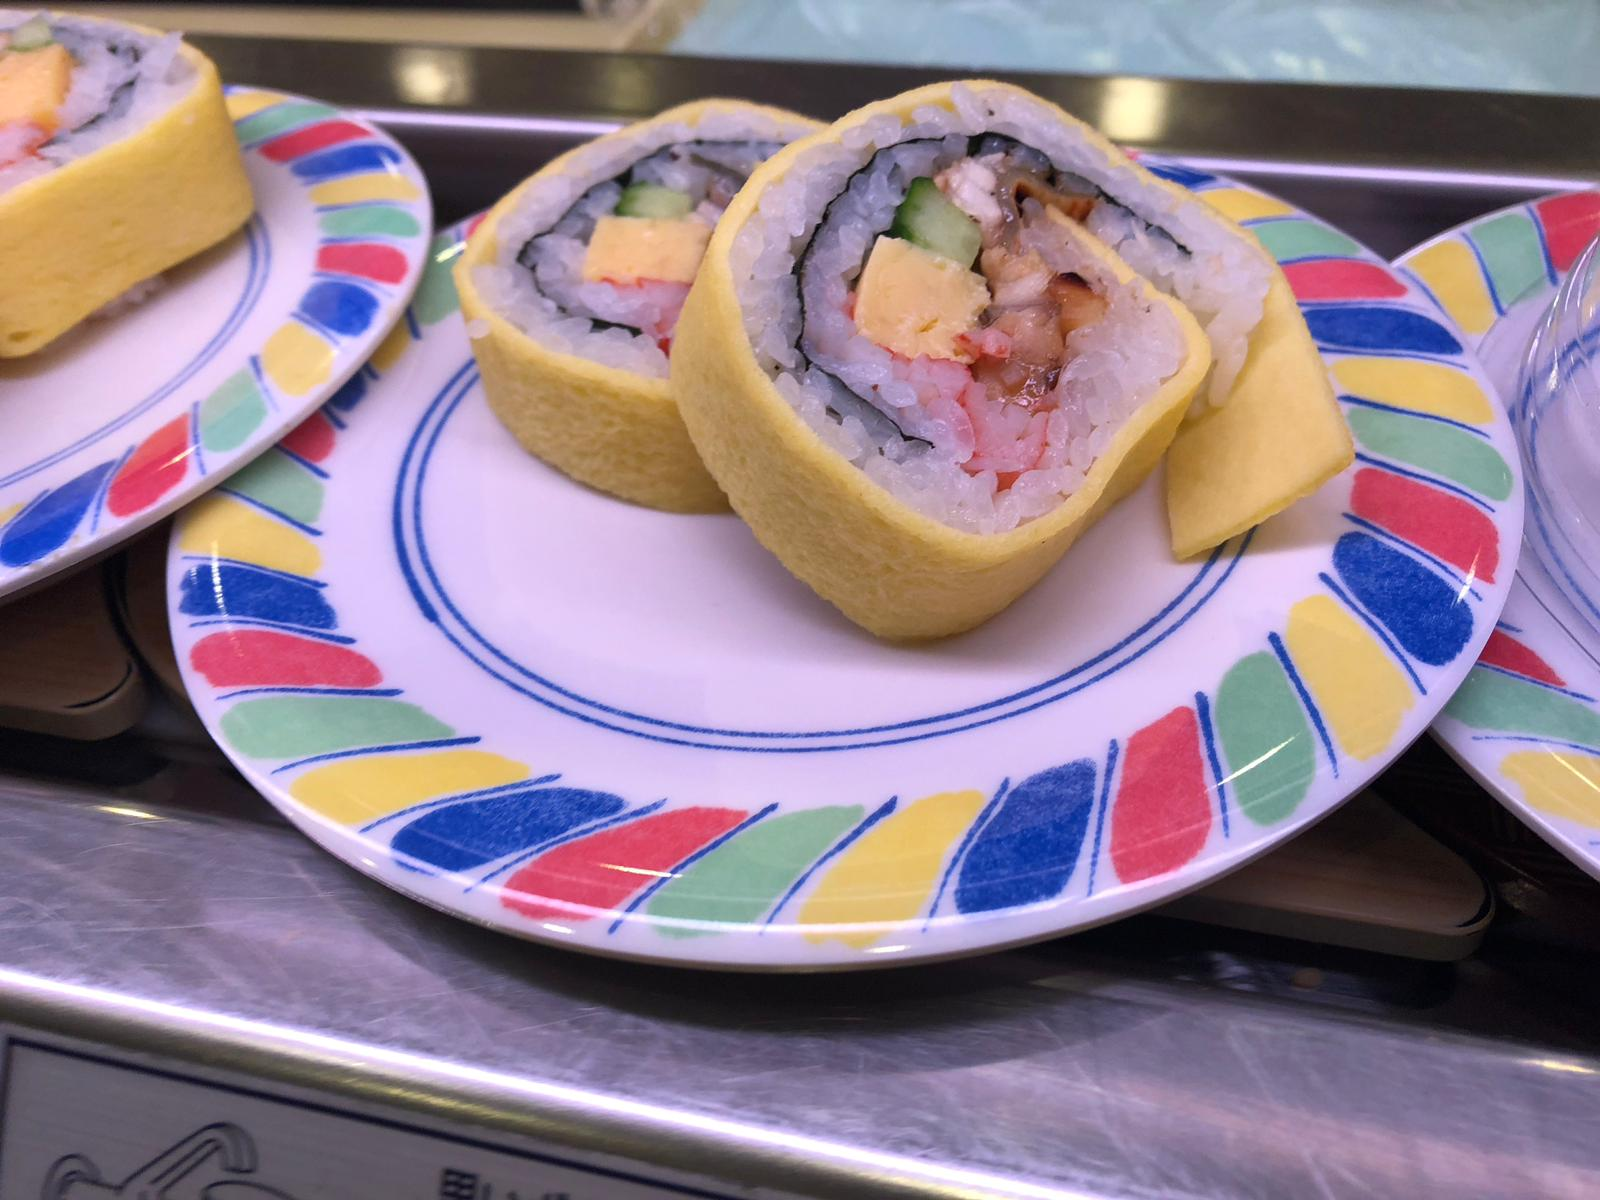 סושי במסעדת סושינו (צילום: סבינה חושן)